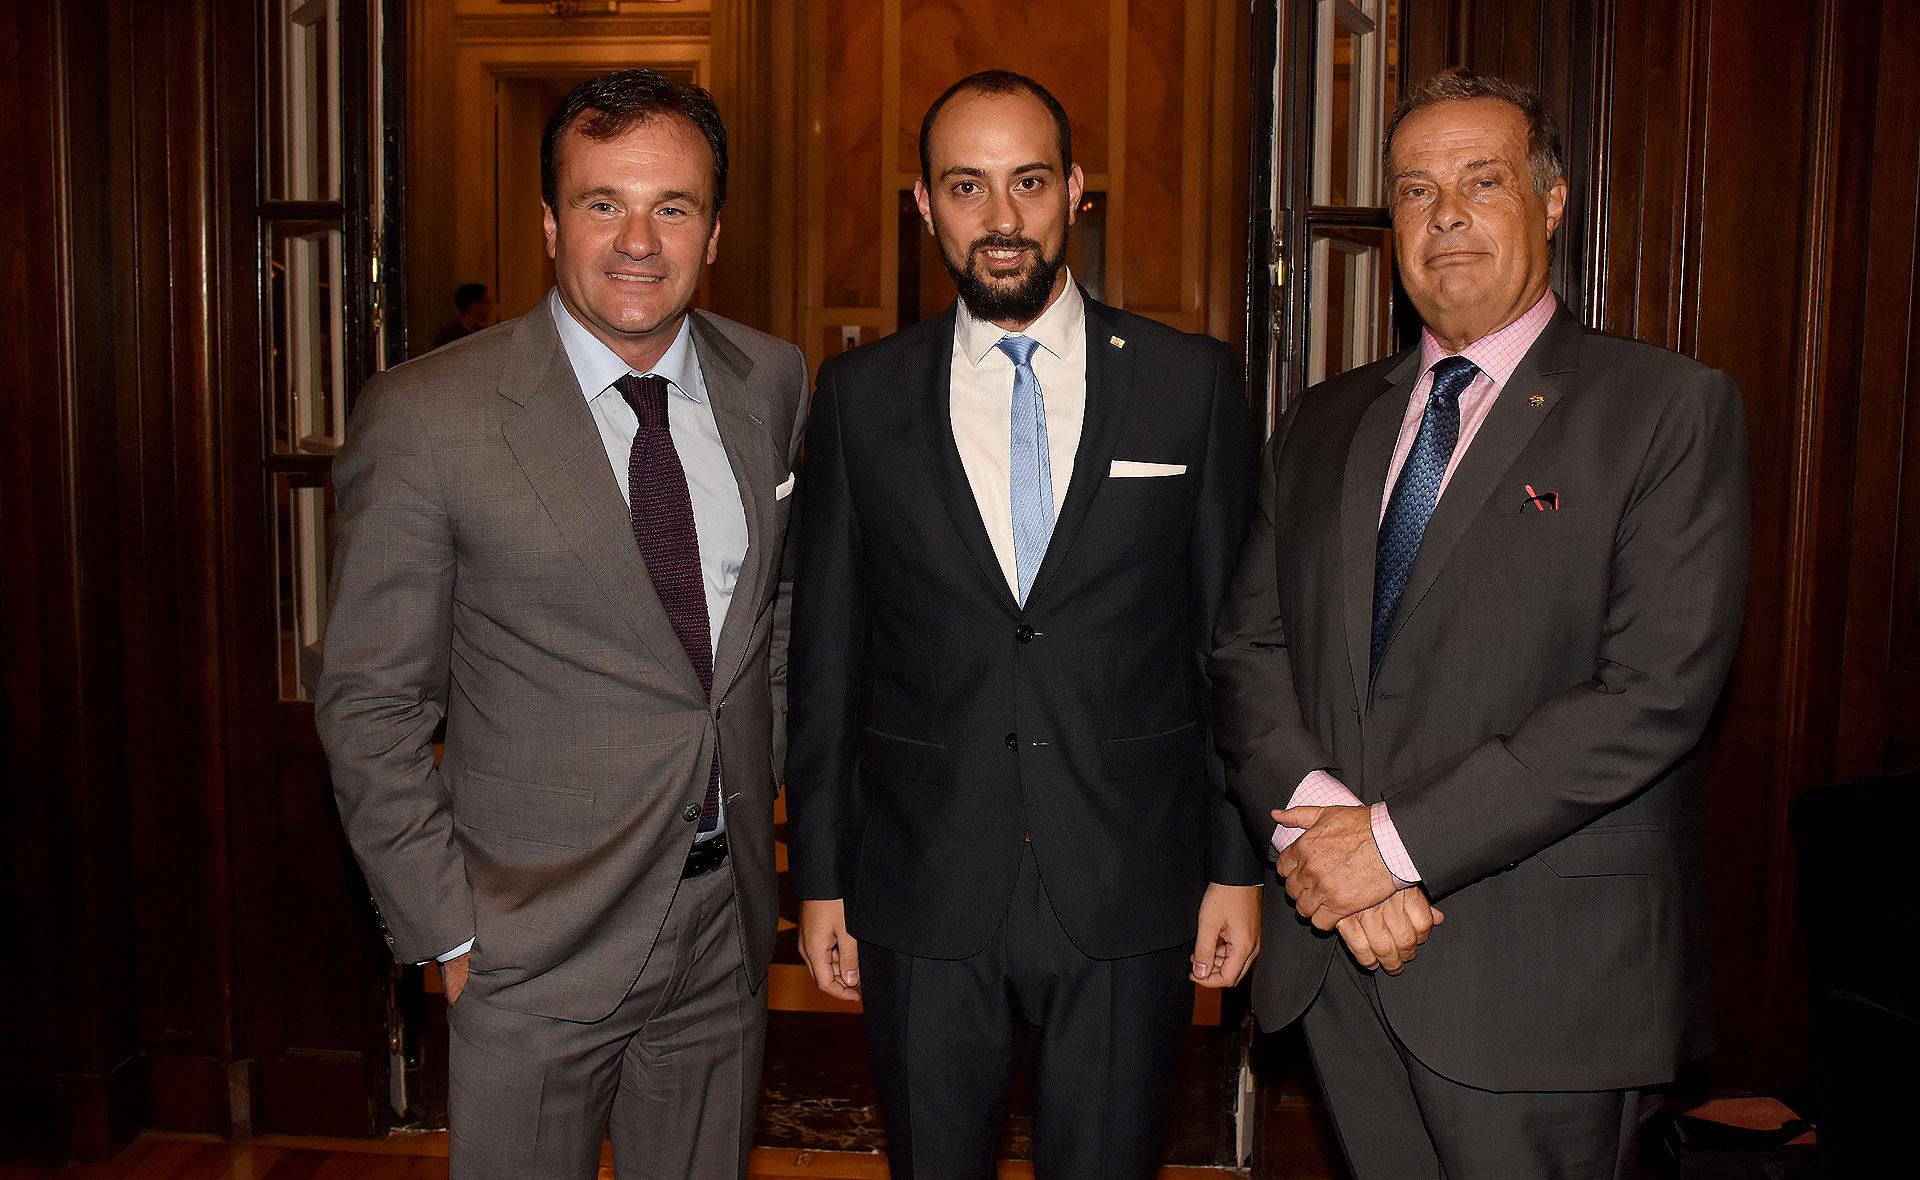 Juan Pablo Maglier, el director de Relaciones Institucionales de La Rural, Ezequiel Herszage, asesor de presidencia de Irsa y Marcelo Taussik, vicepresidente 2 de la DAIA